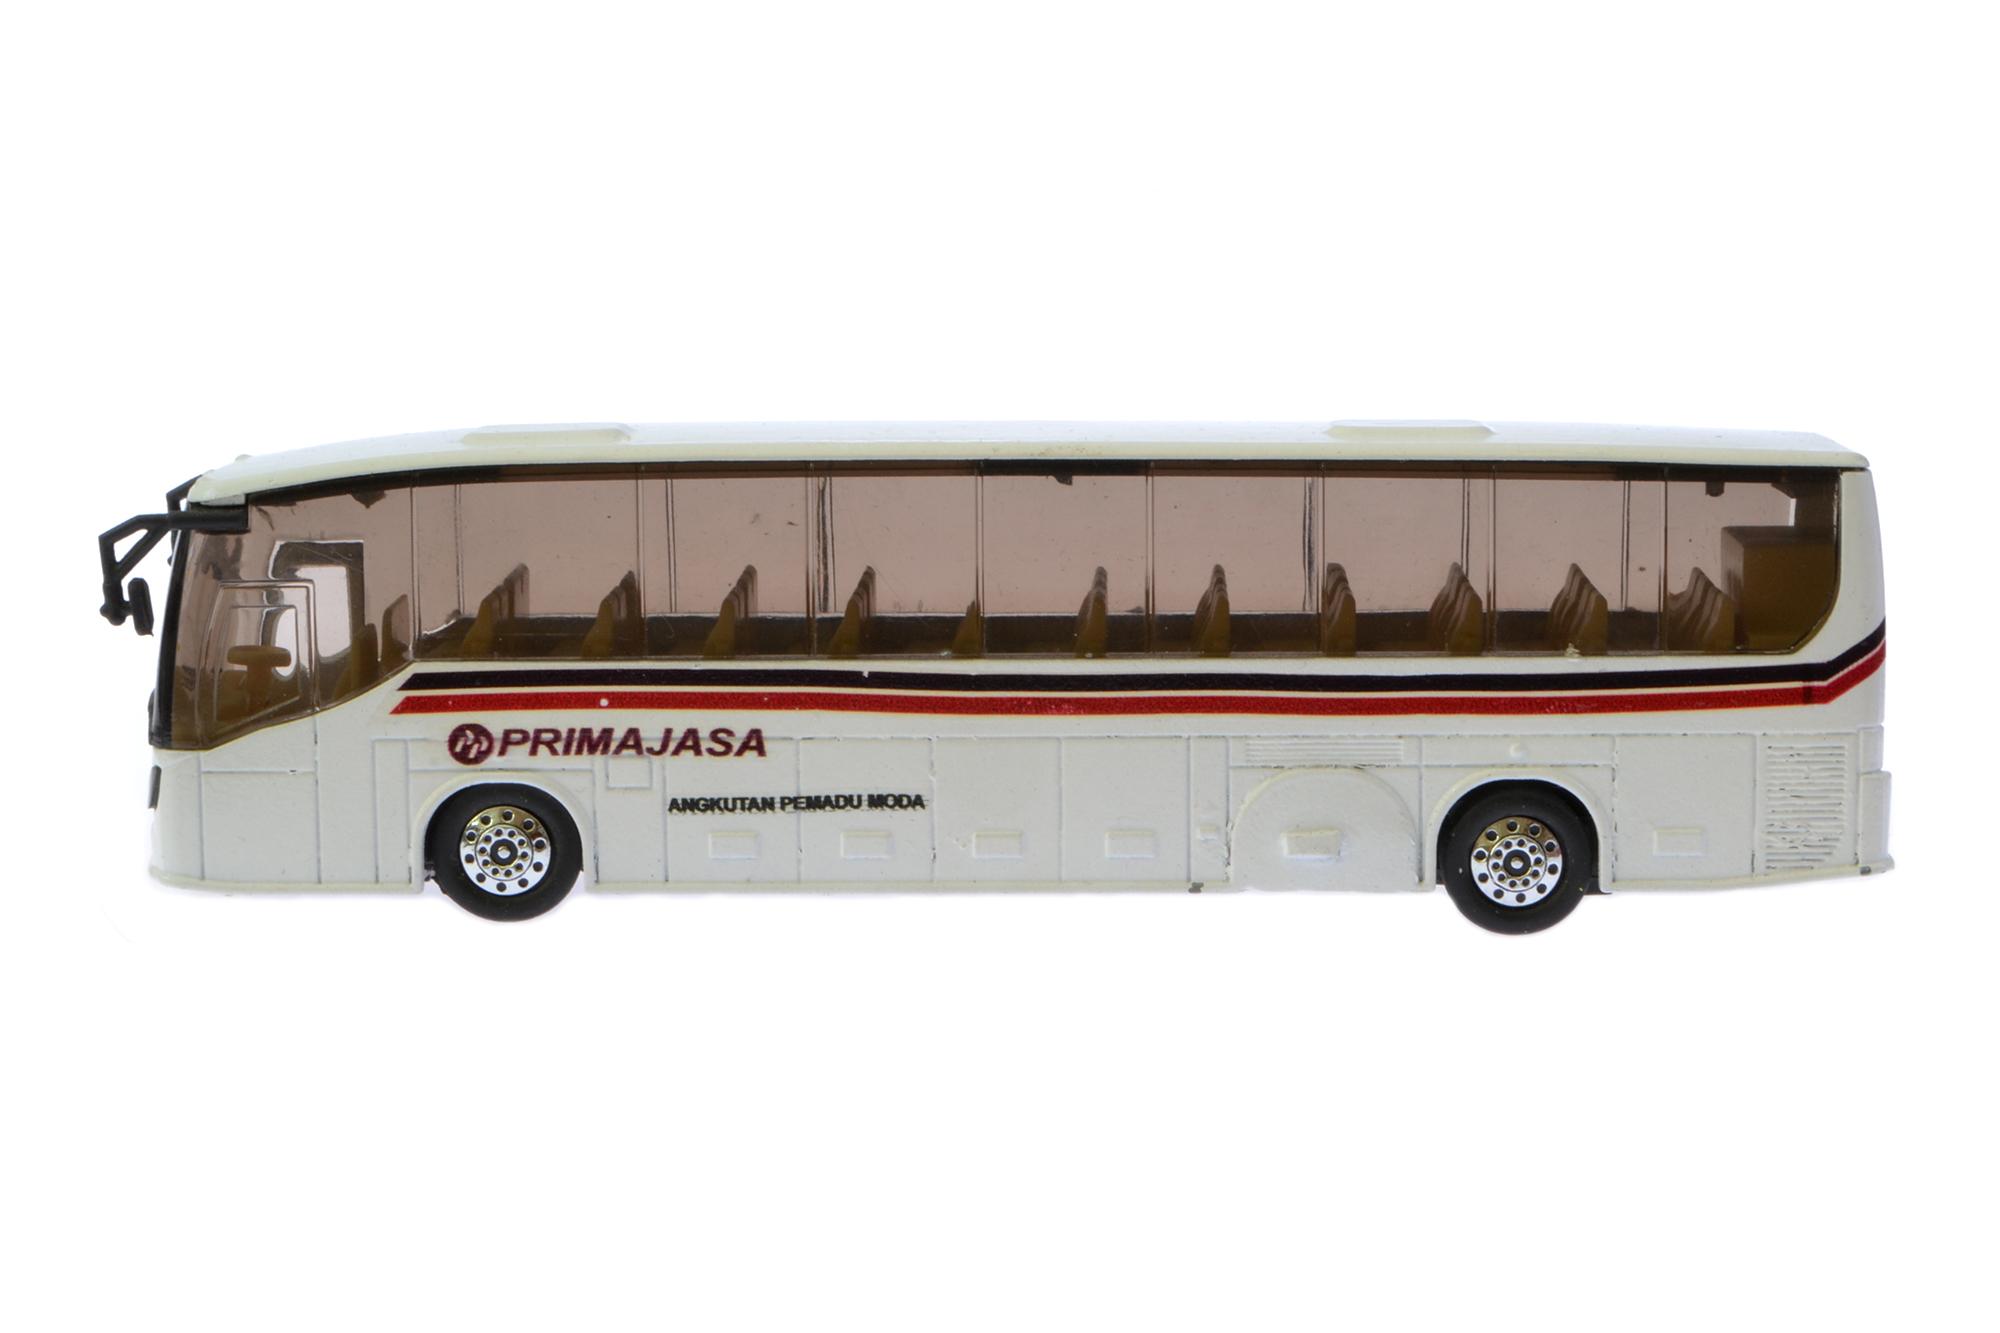 MINIATUR PRIMAJASA / MINIATUR BUS / MINIATUR BUS